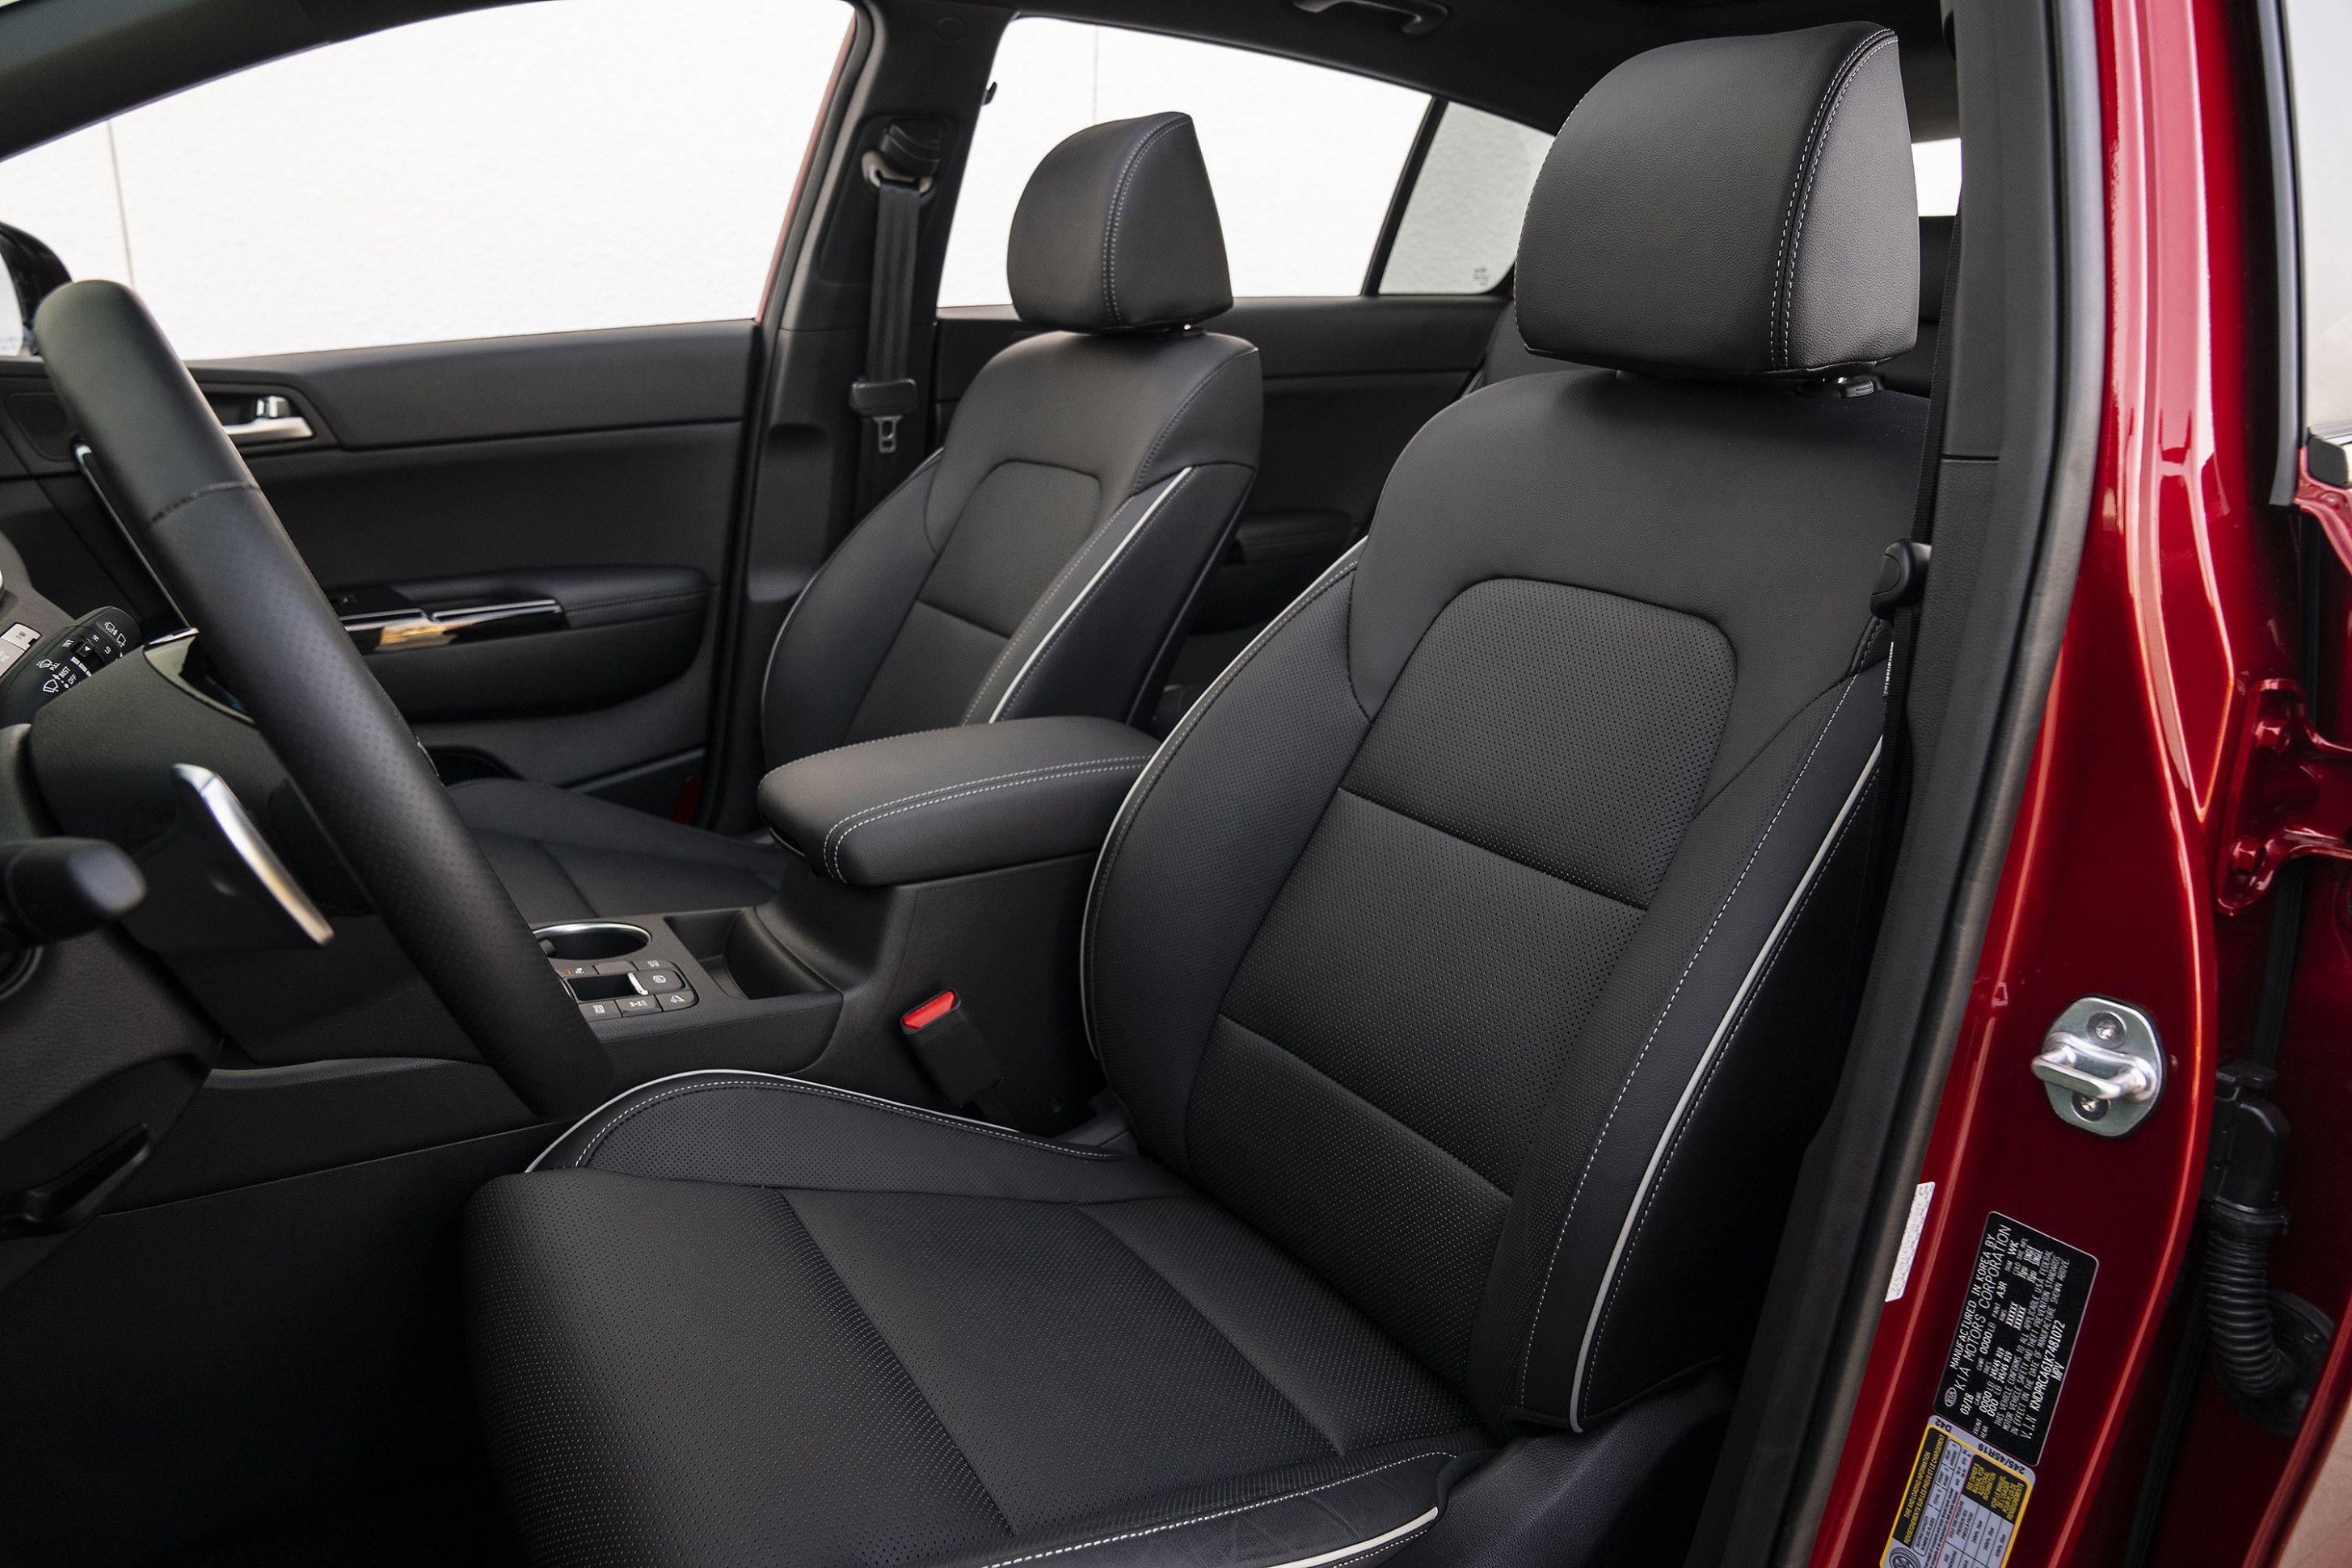 Kia Sportage 2020 Interior Pictures 2020 Car Reviews Kia Sportage Sportage Kia